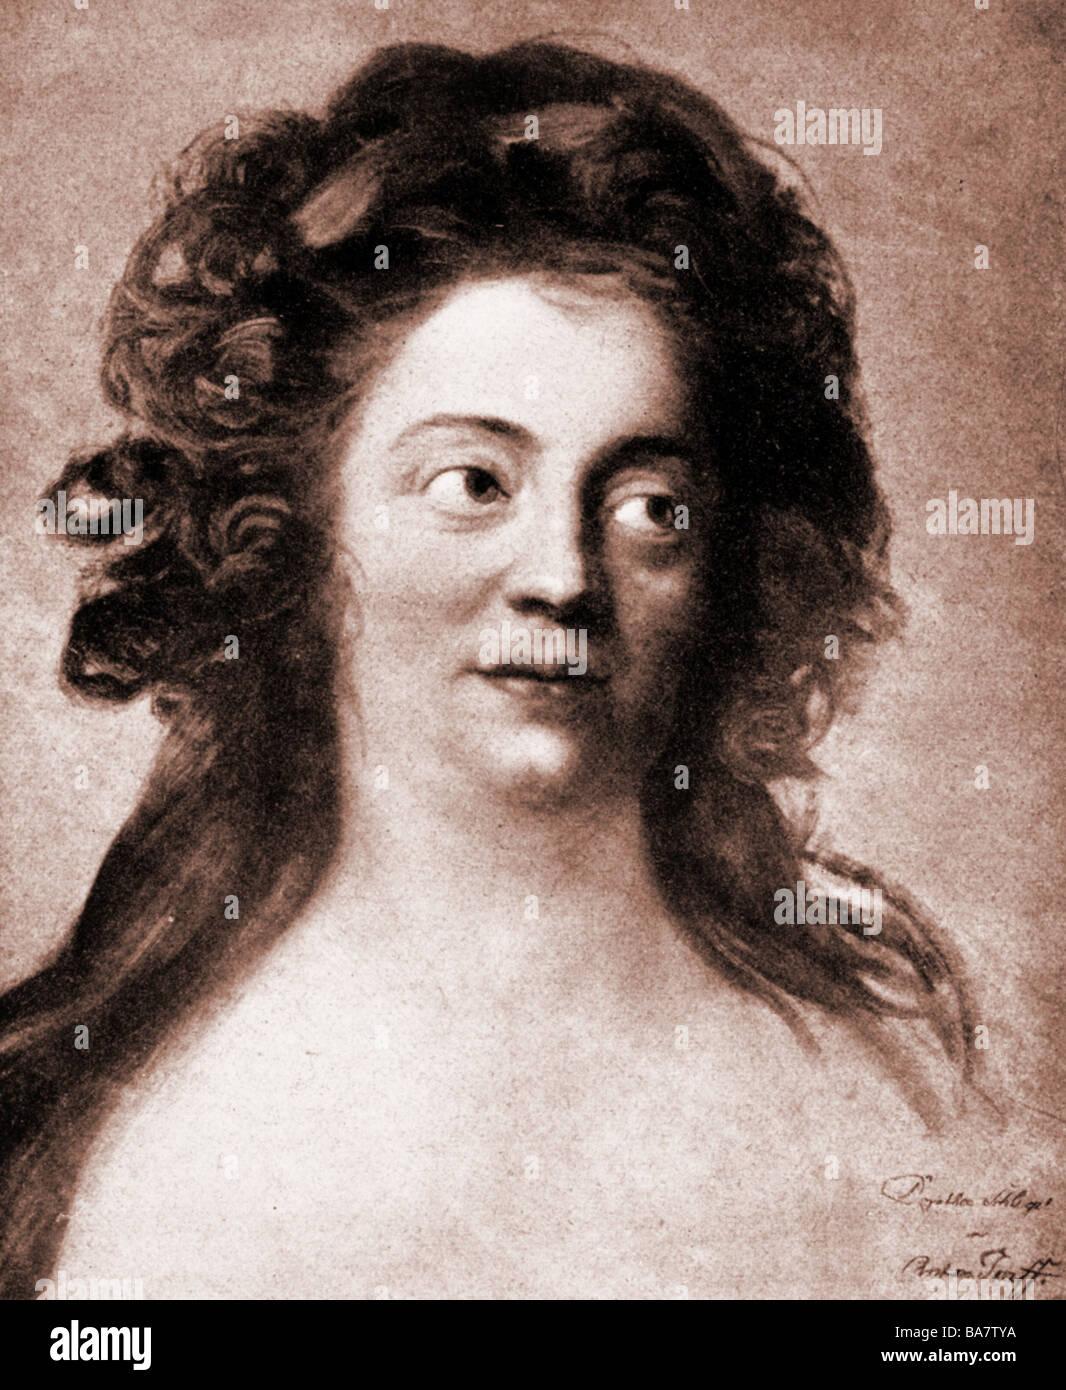 Schlegel, Dorothea Friederike, 24.10.1763 - 3.8.1839, autor alemán / escritor, retrato, después de pintar por Anton Foto de stock